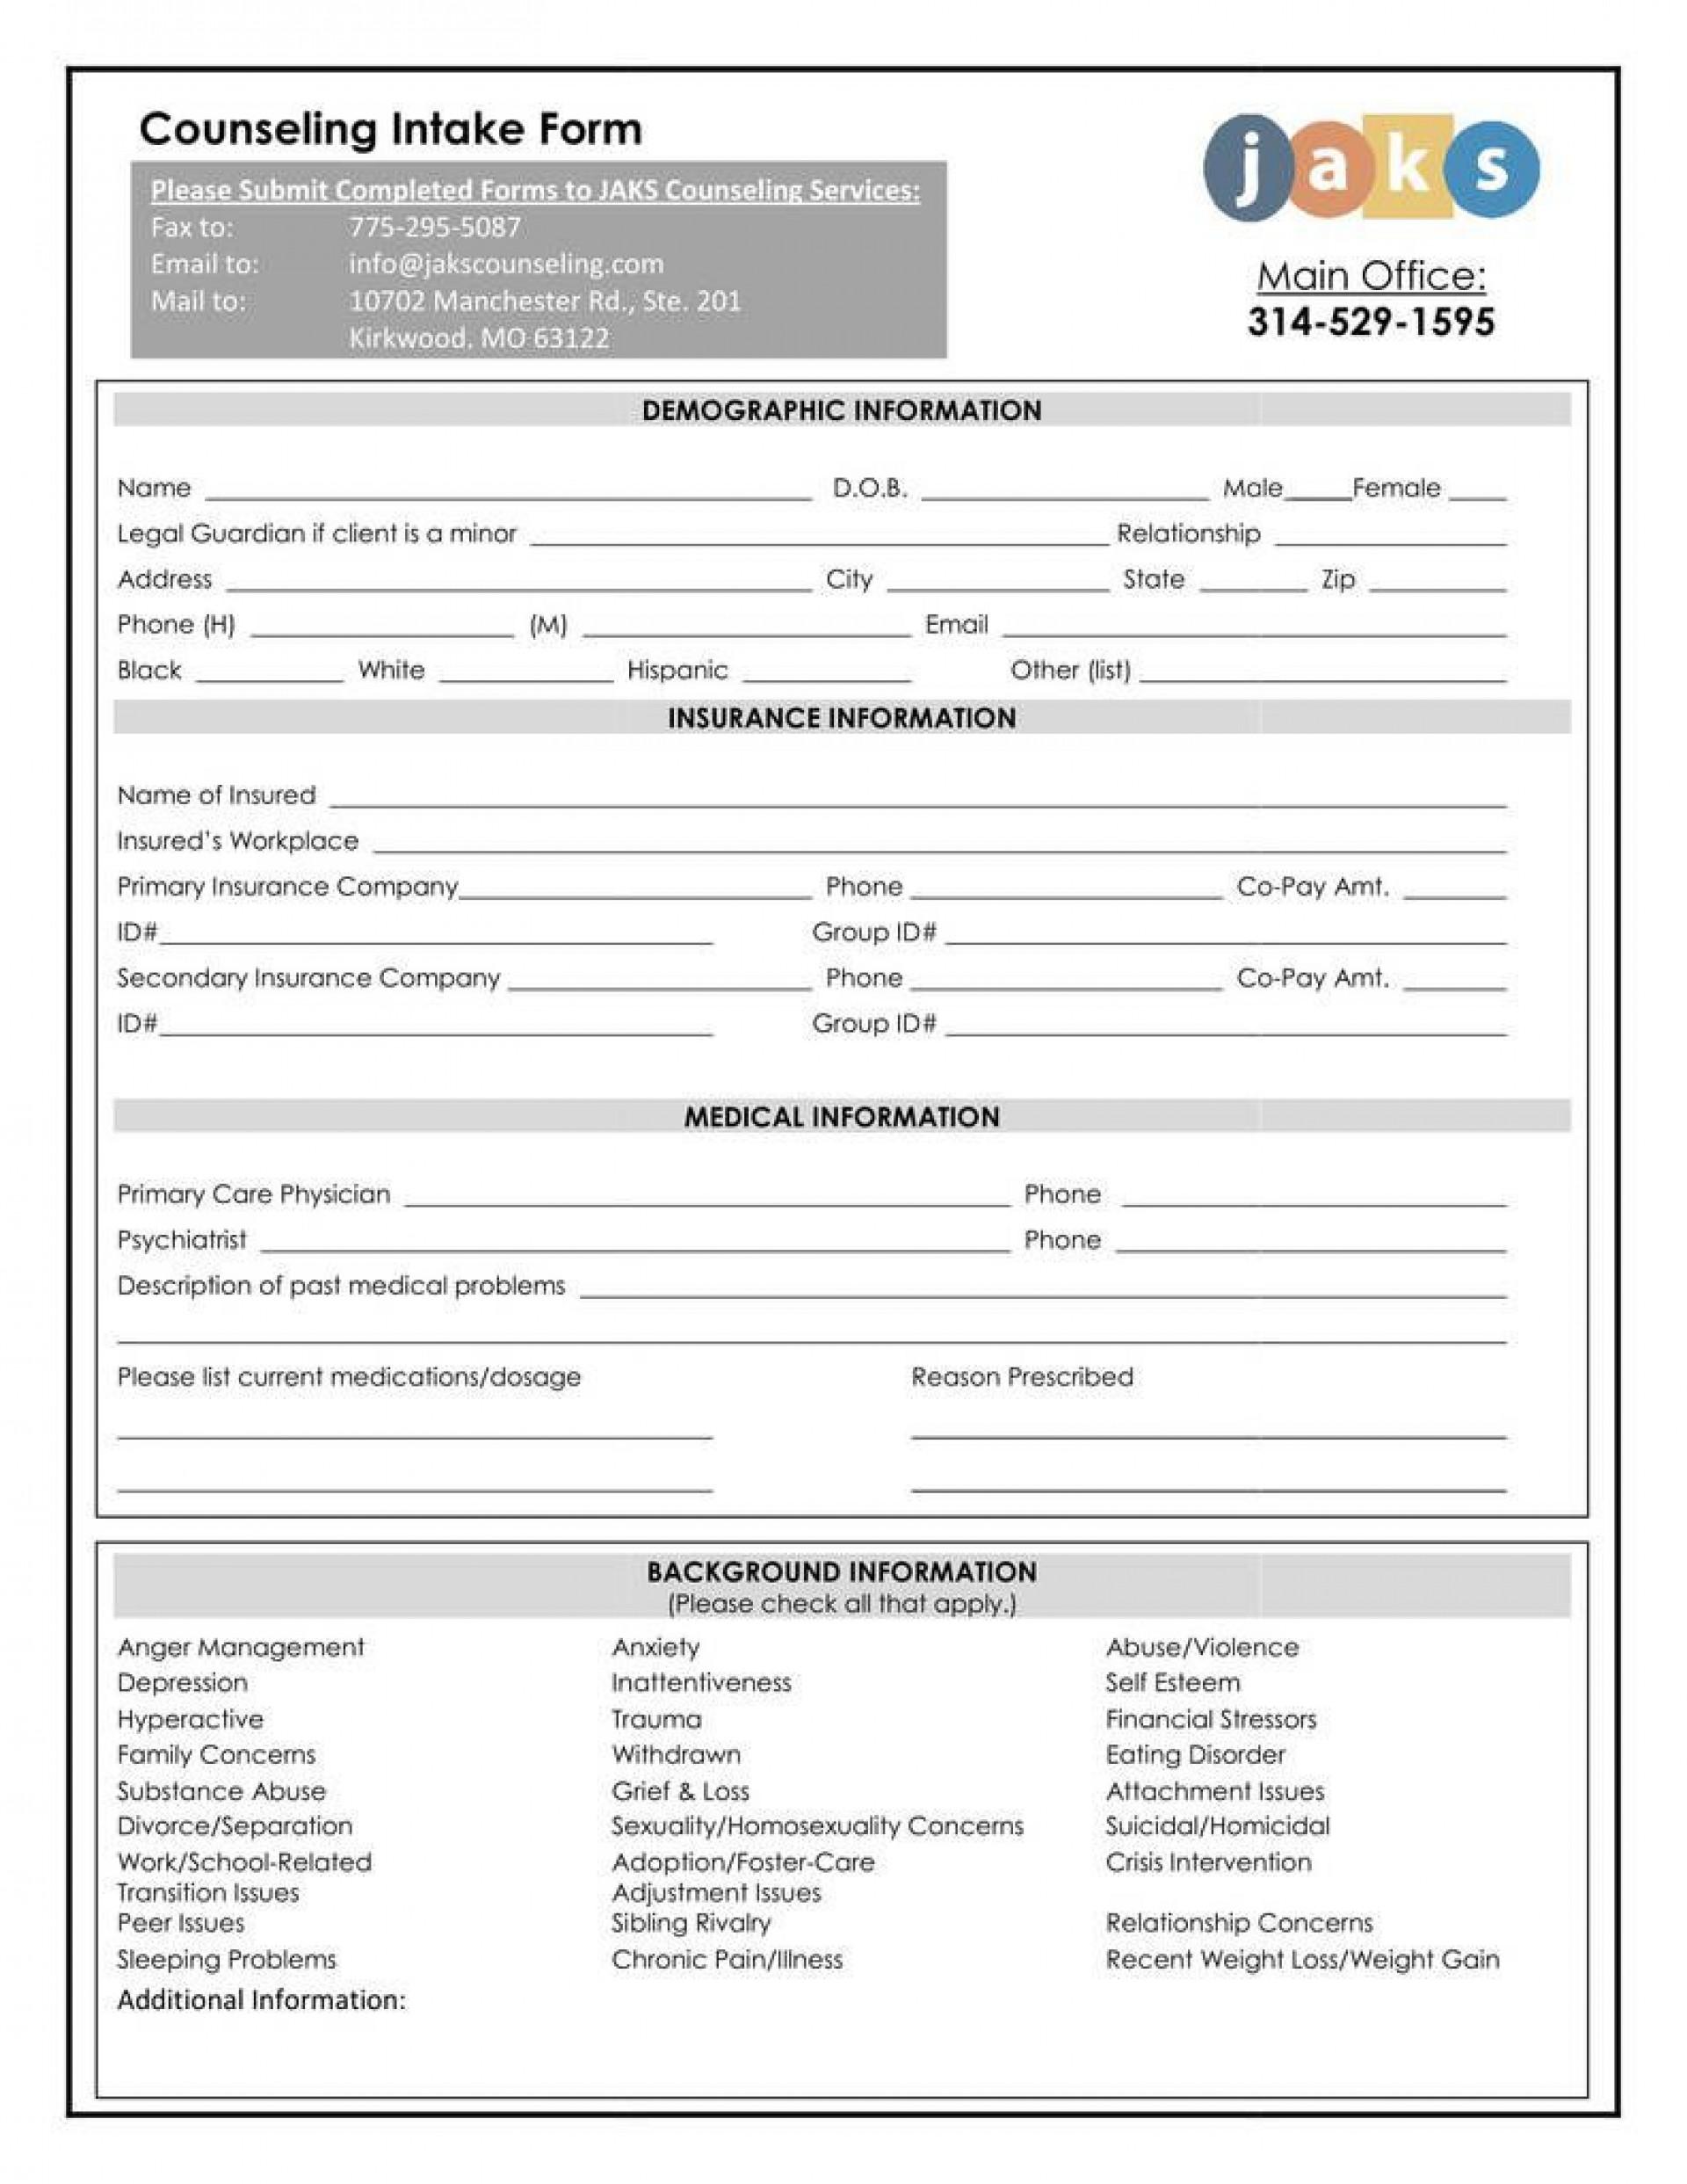 006 Simple Drug Test Result Form Template Sample  Free1920